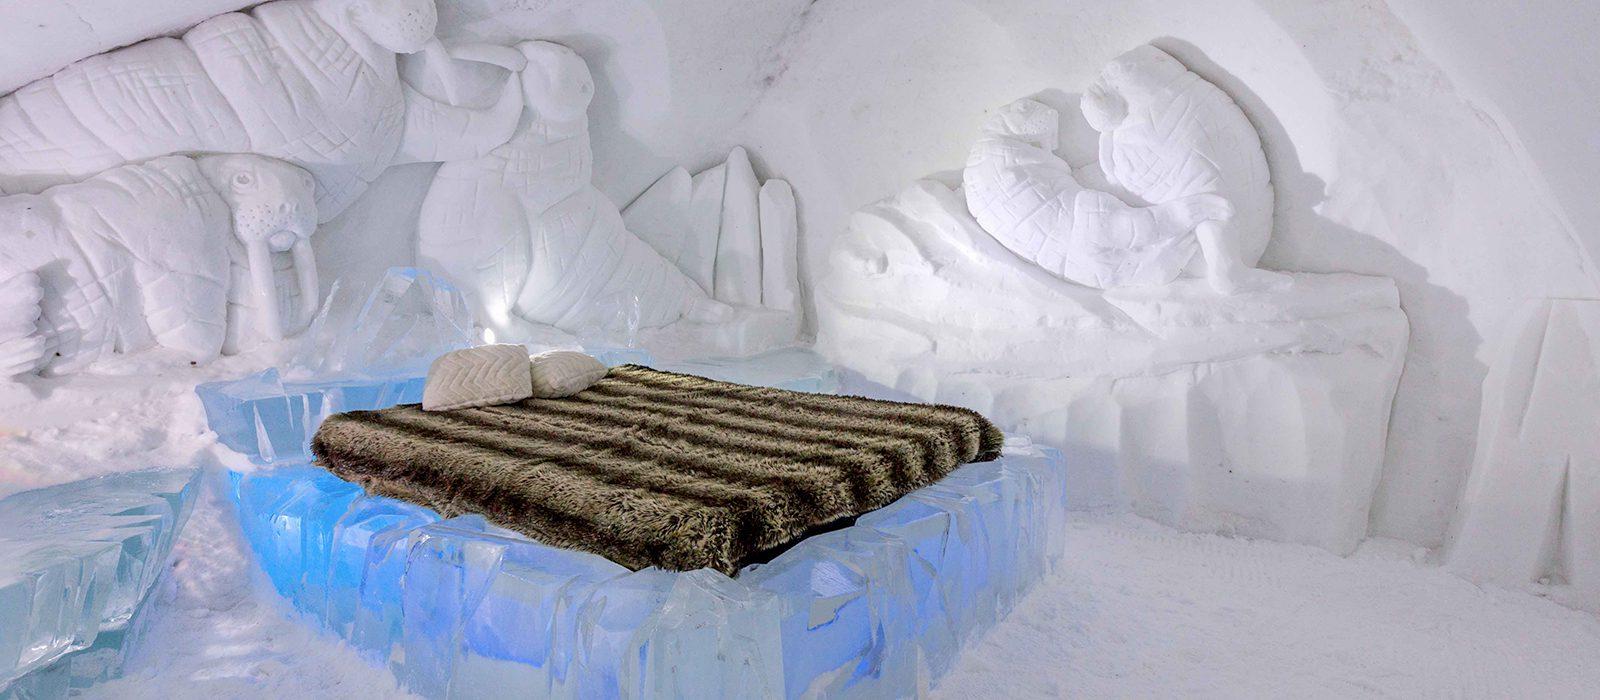 un-hiver-actif-au-quebec-hotel-de-glace-quebec-capitale-nationale-quebec-le-mag